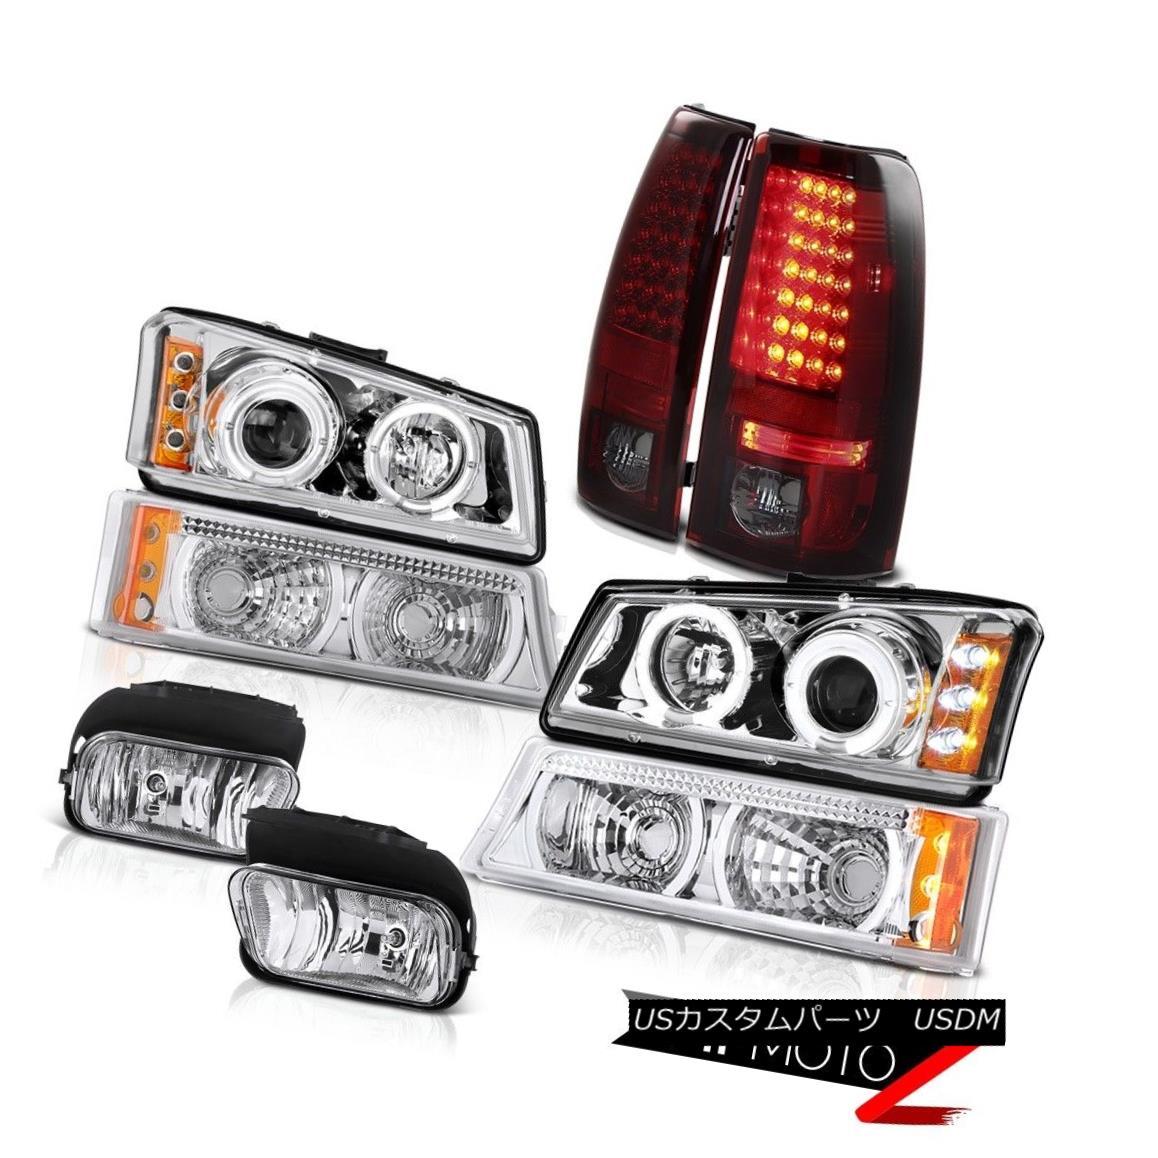 テールライト Clear Halo Angel Eye Headlights LED Rear Tail Light Foglights 03-06 Silverado LS クリアヘリオエンジェルアイヘッドライトLEDリアテールライトフォグライト03-06 Silverado LS